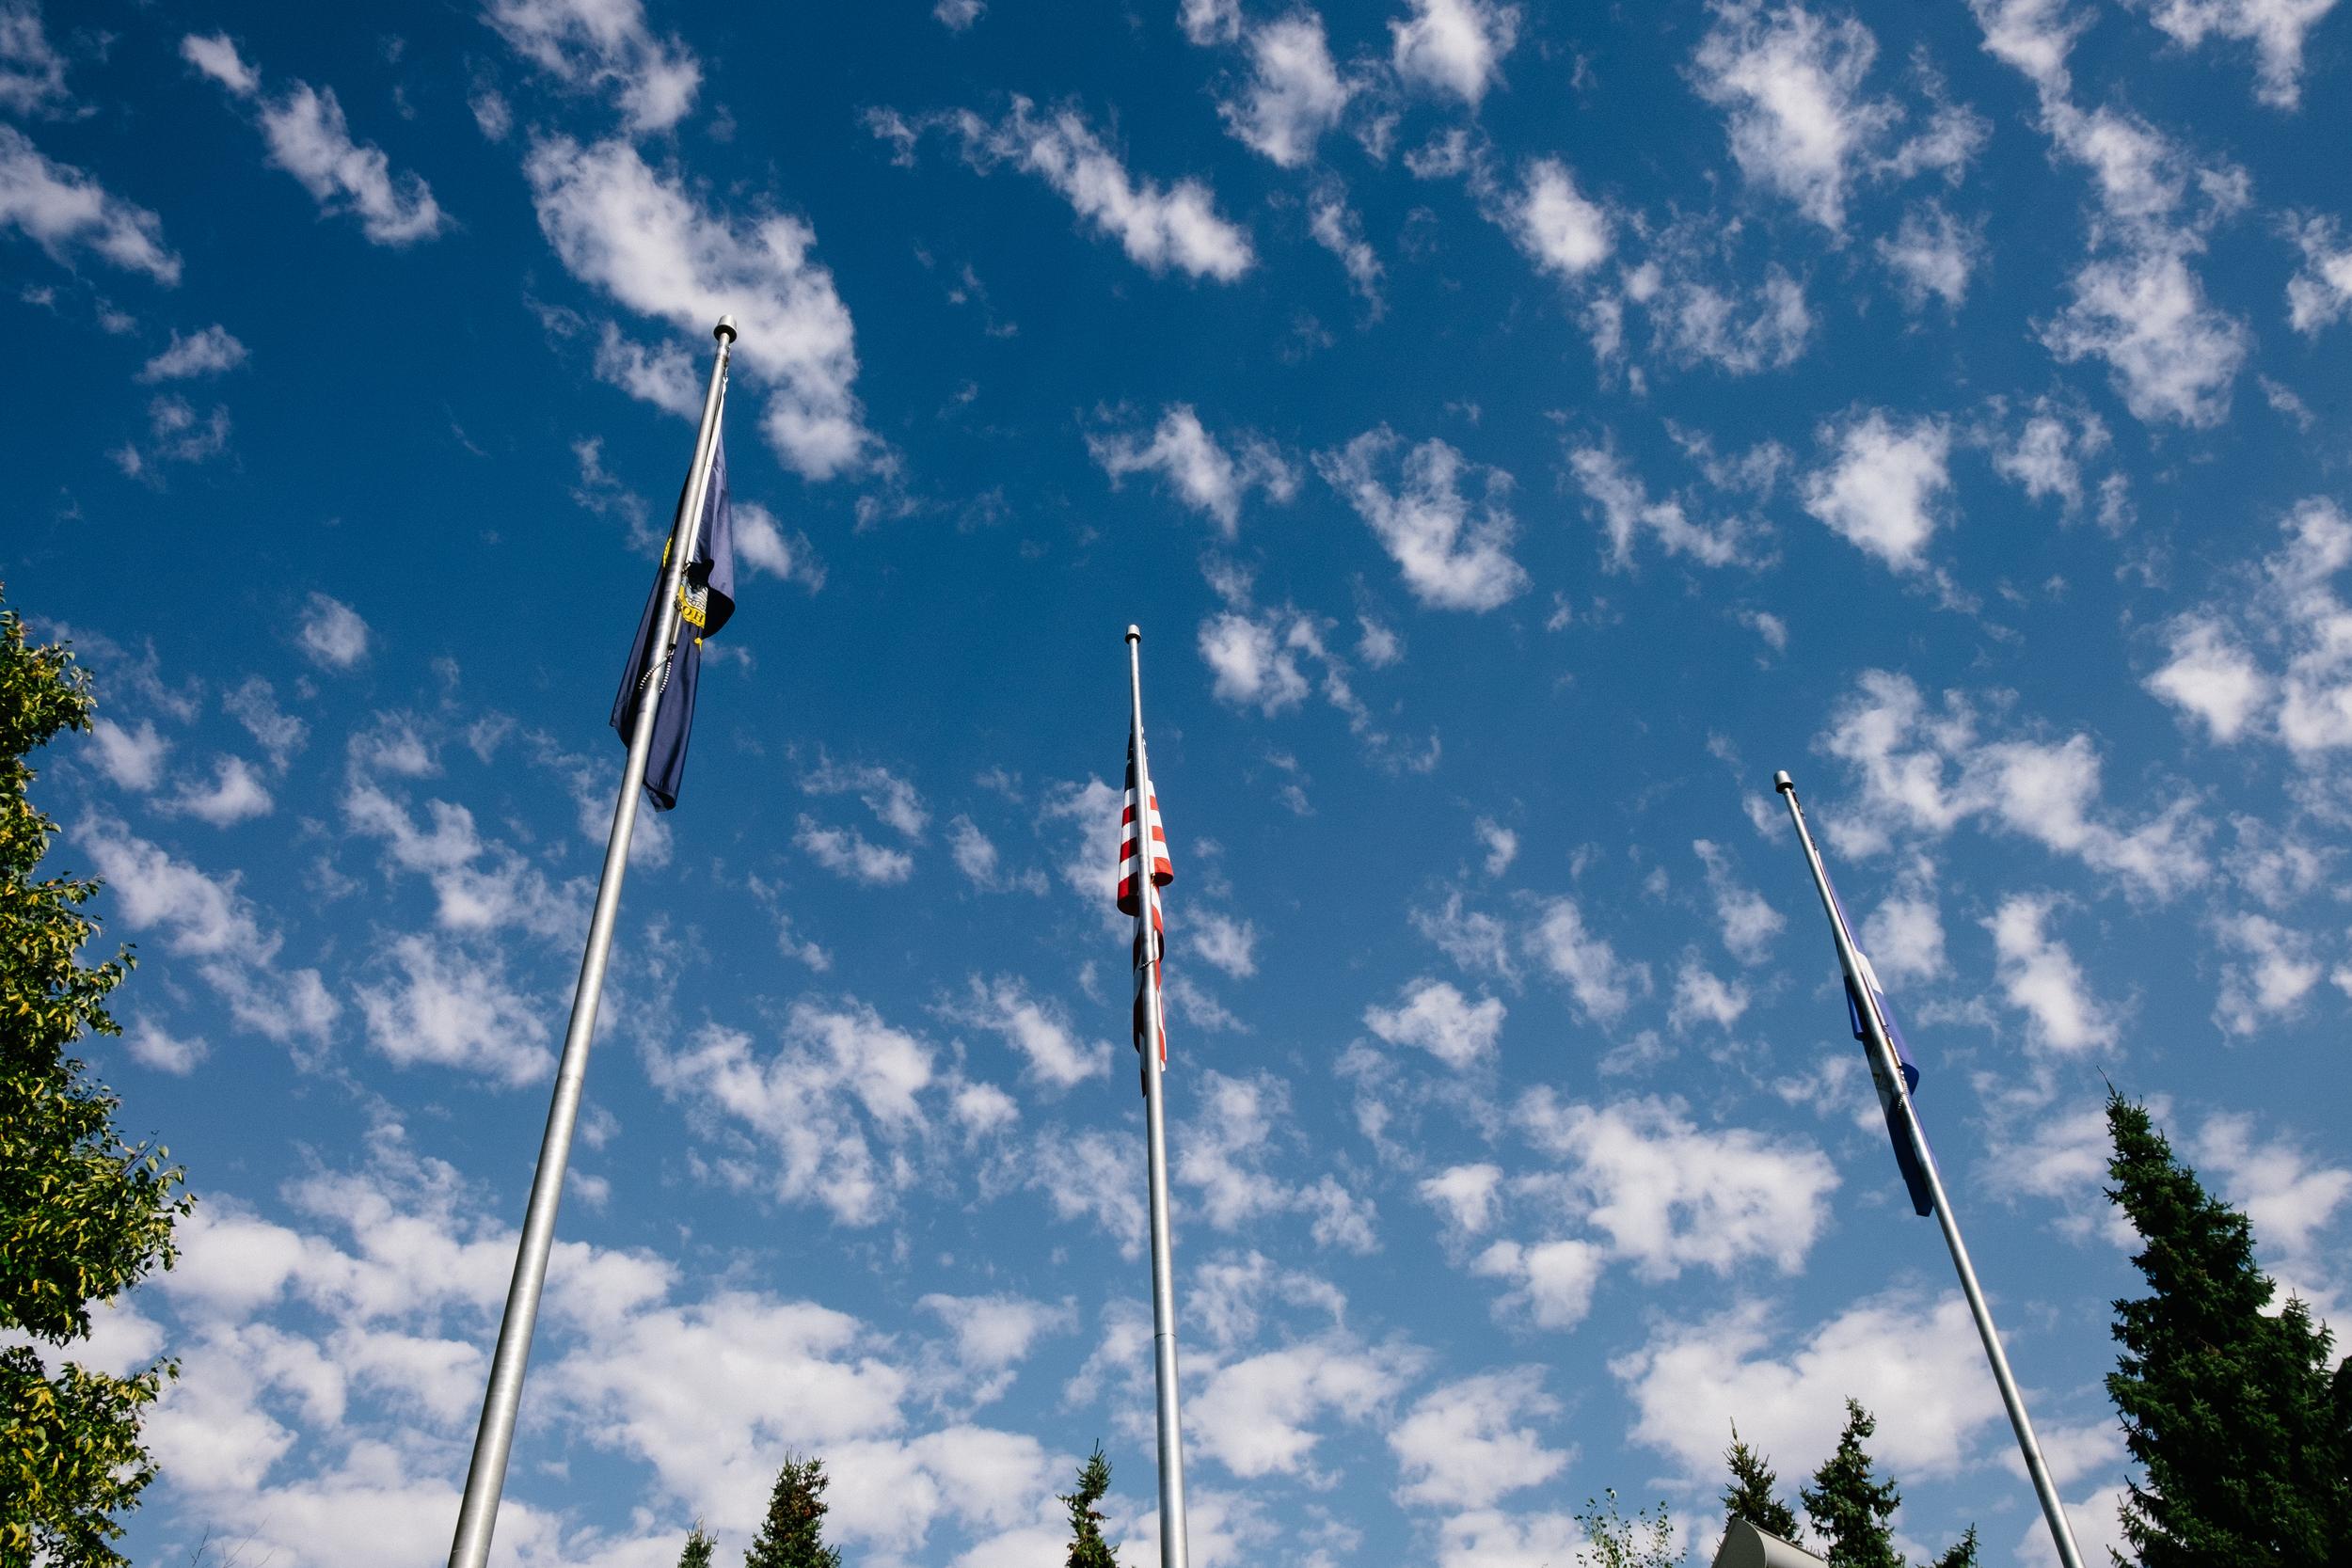 The Boise sky.